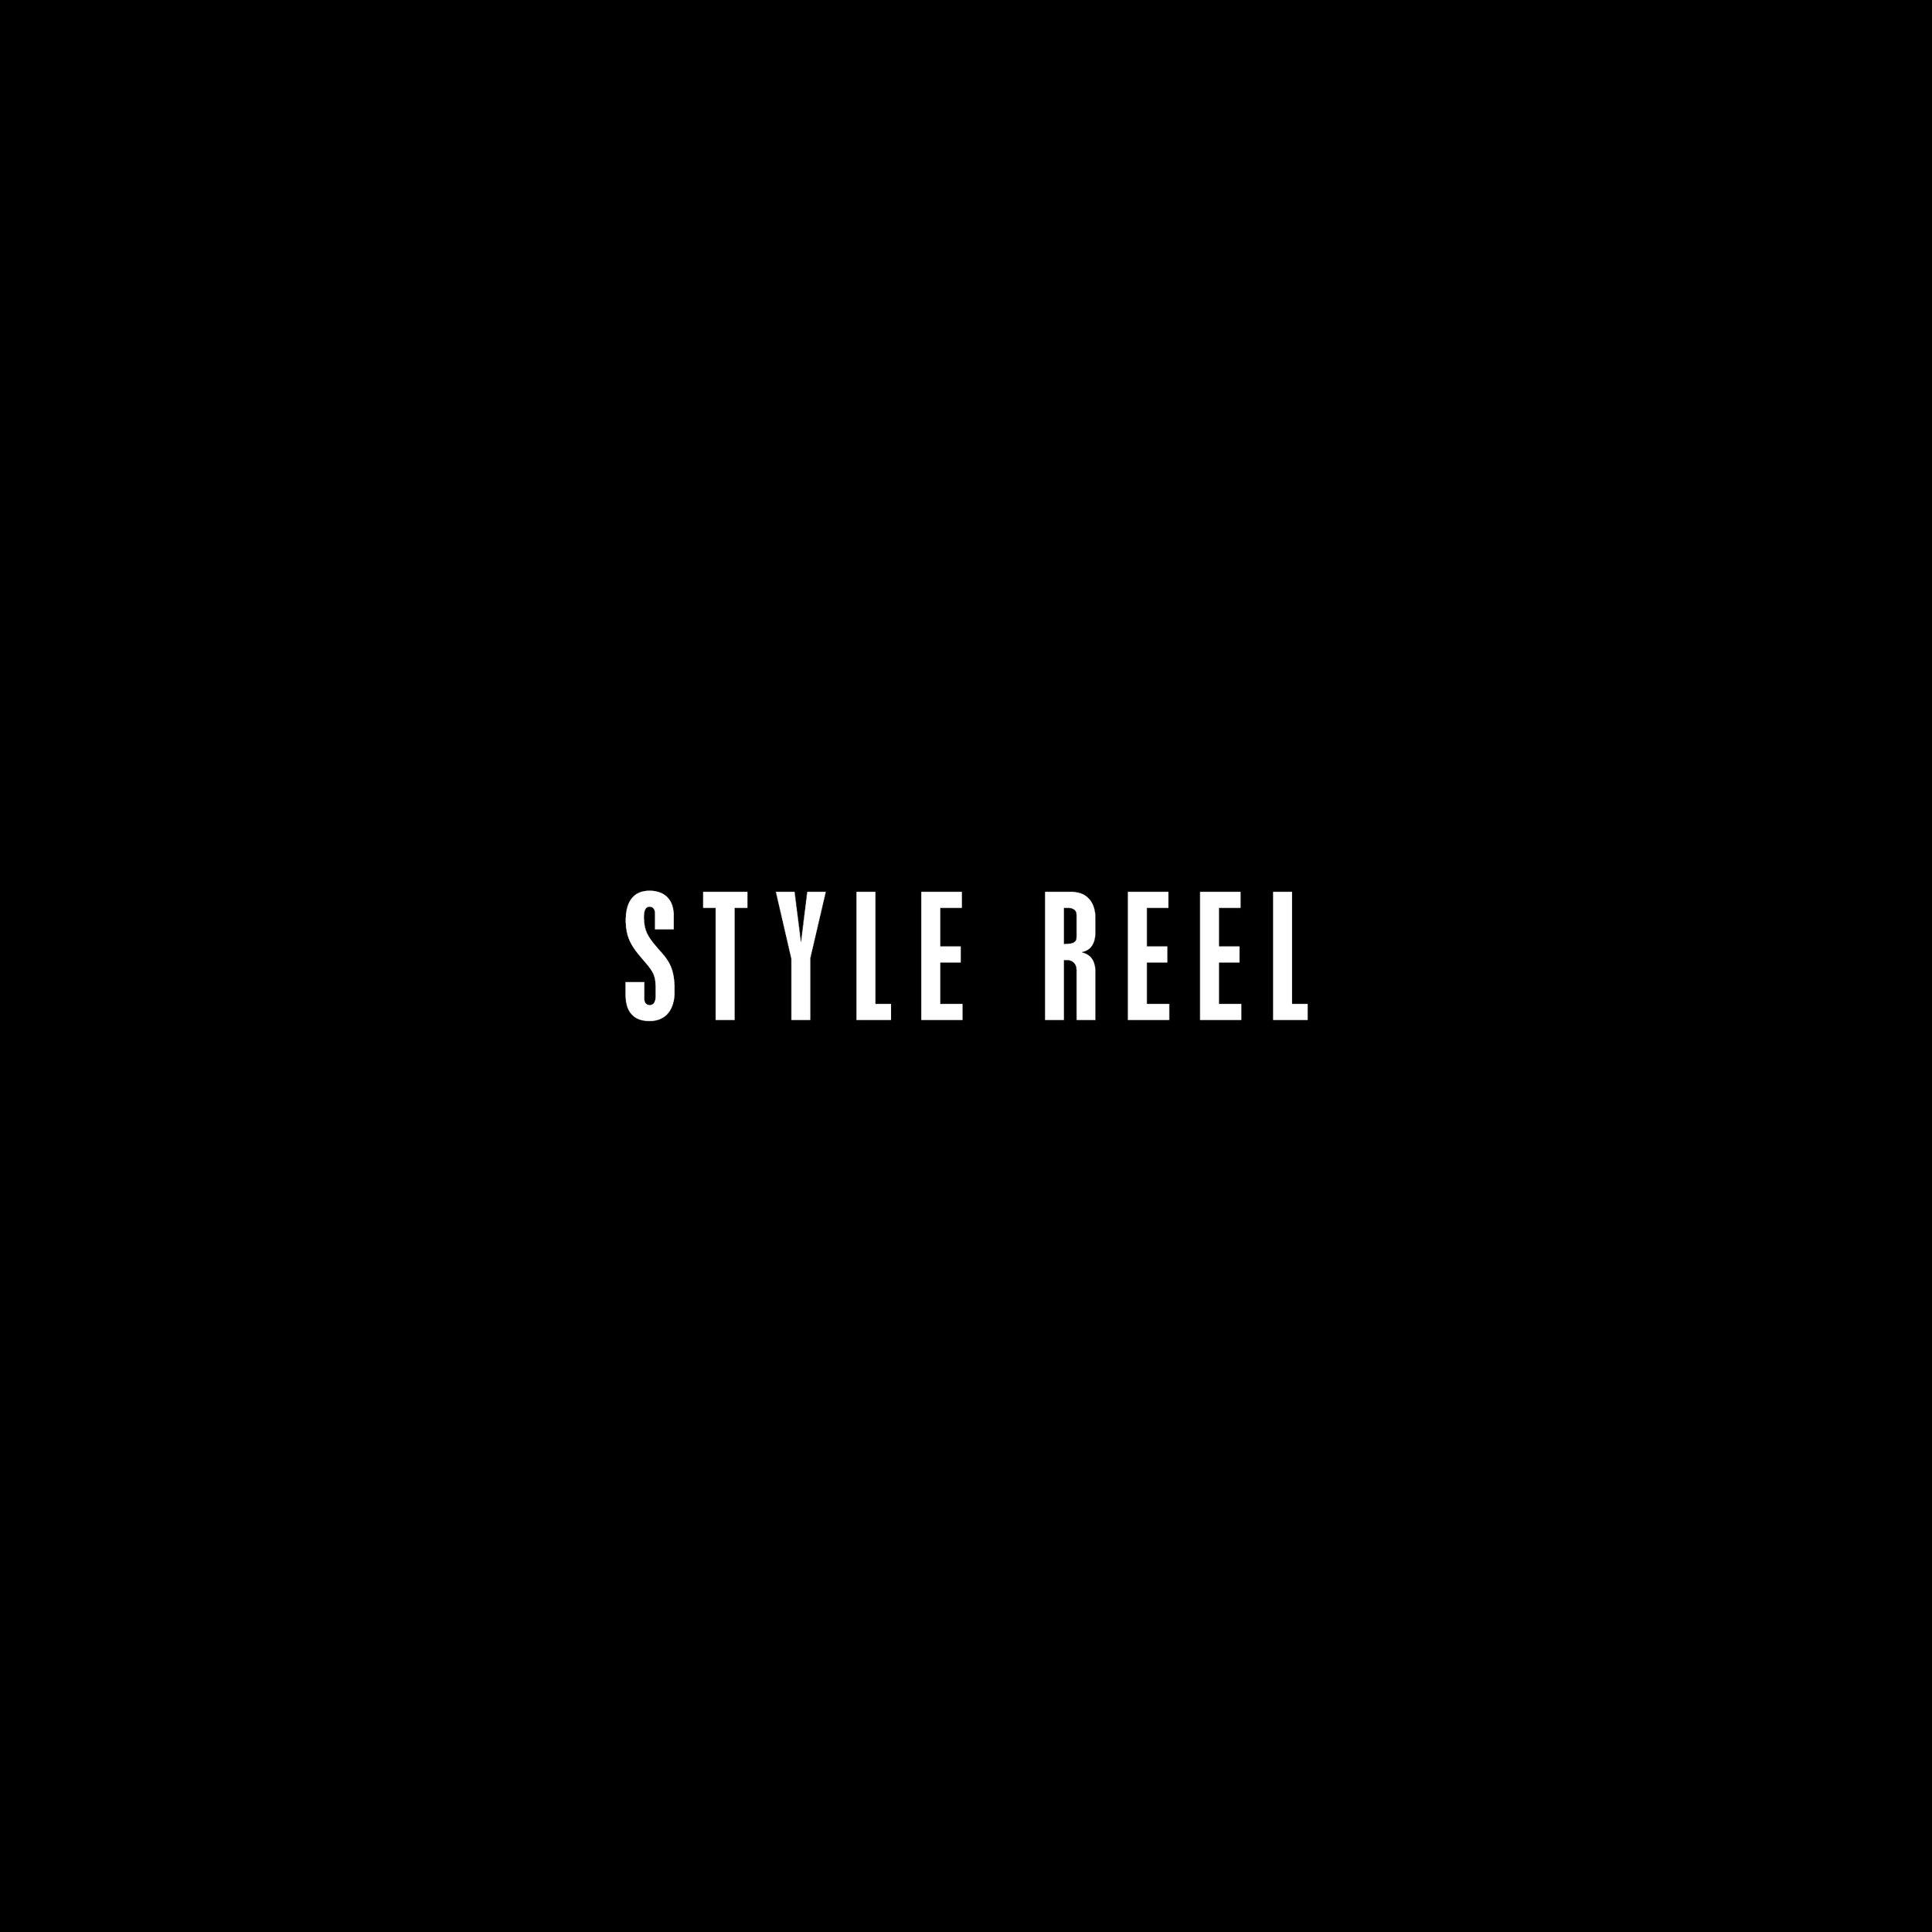 style-reel.jpg